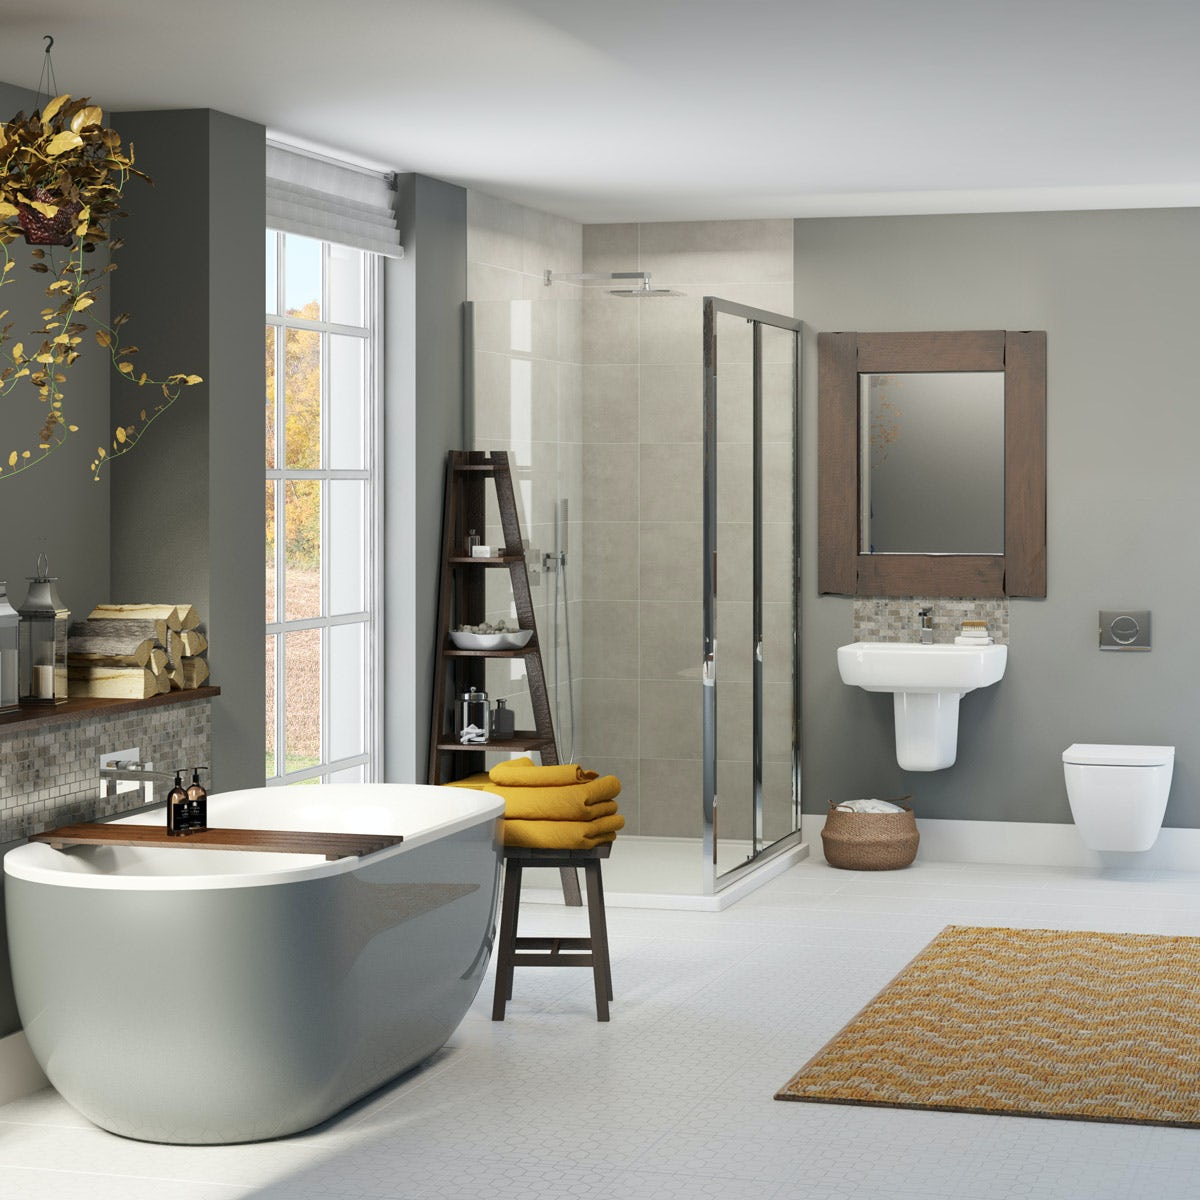 Mode Ellis storm bathroom suite with shower enclosure 1200 x 800